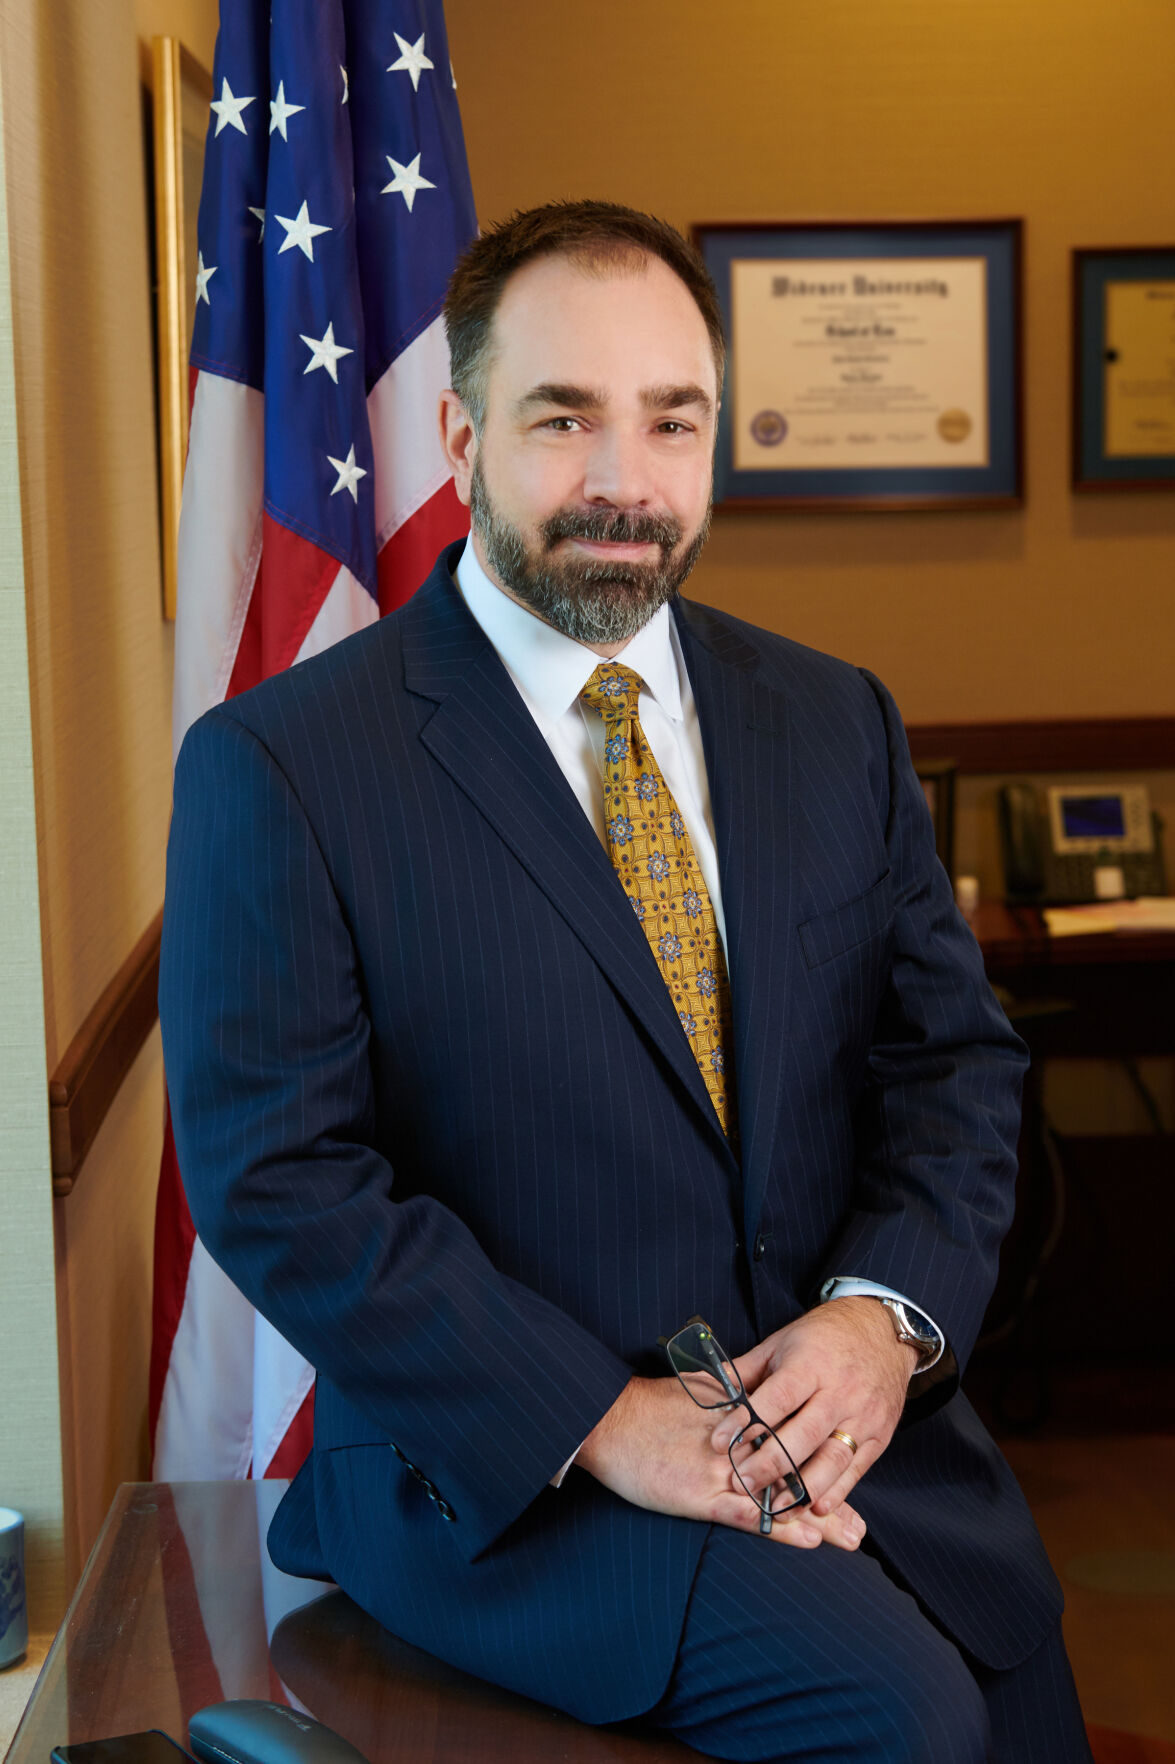 Kevin Brobson